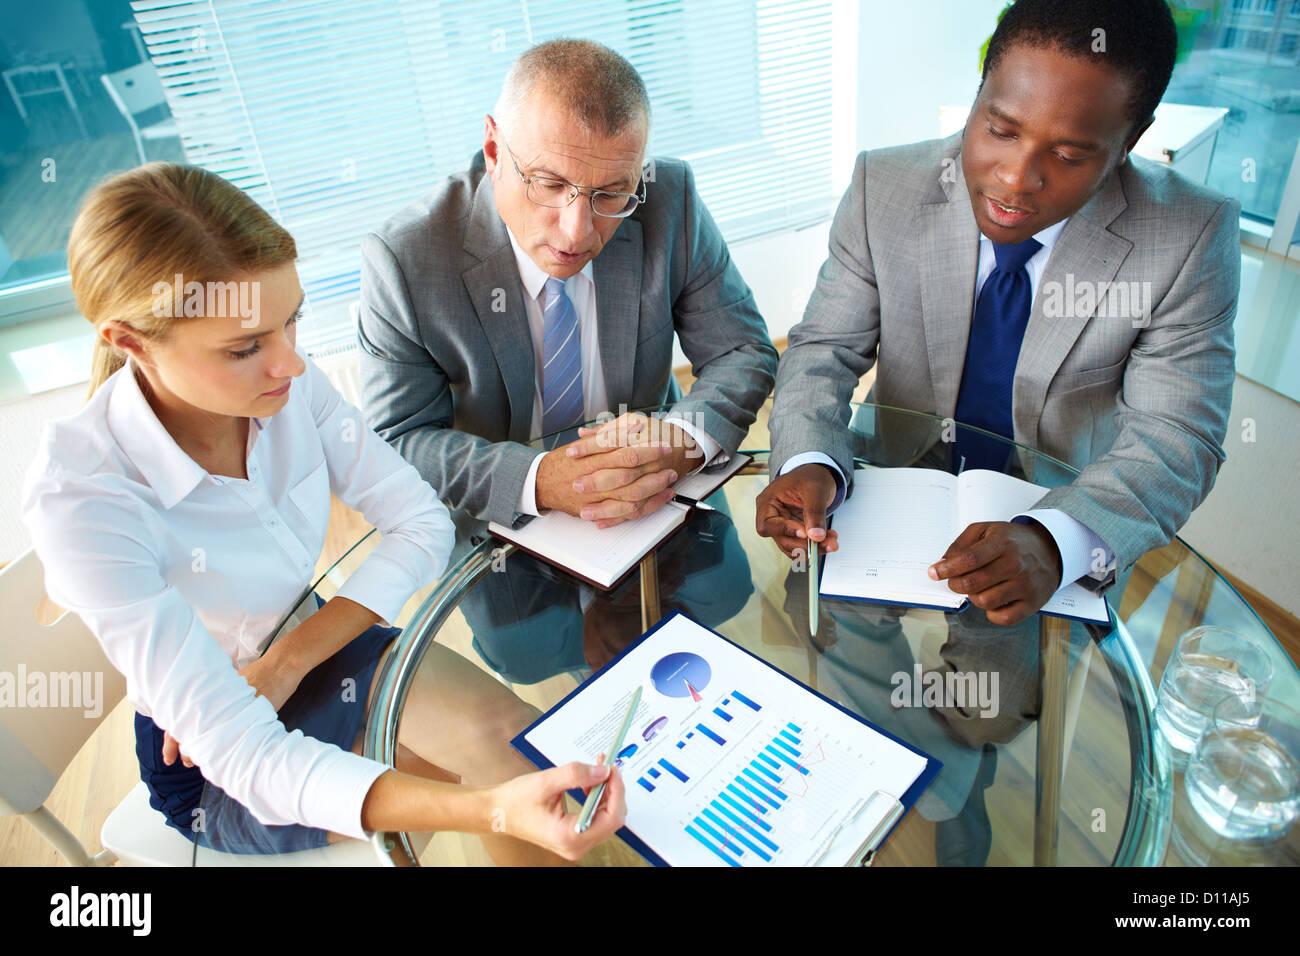 Porträt von hübschen Sekretärin zeigt auf Papier etwas zu ihrem Chef und Kollegen zu erklären Stockfoto